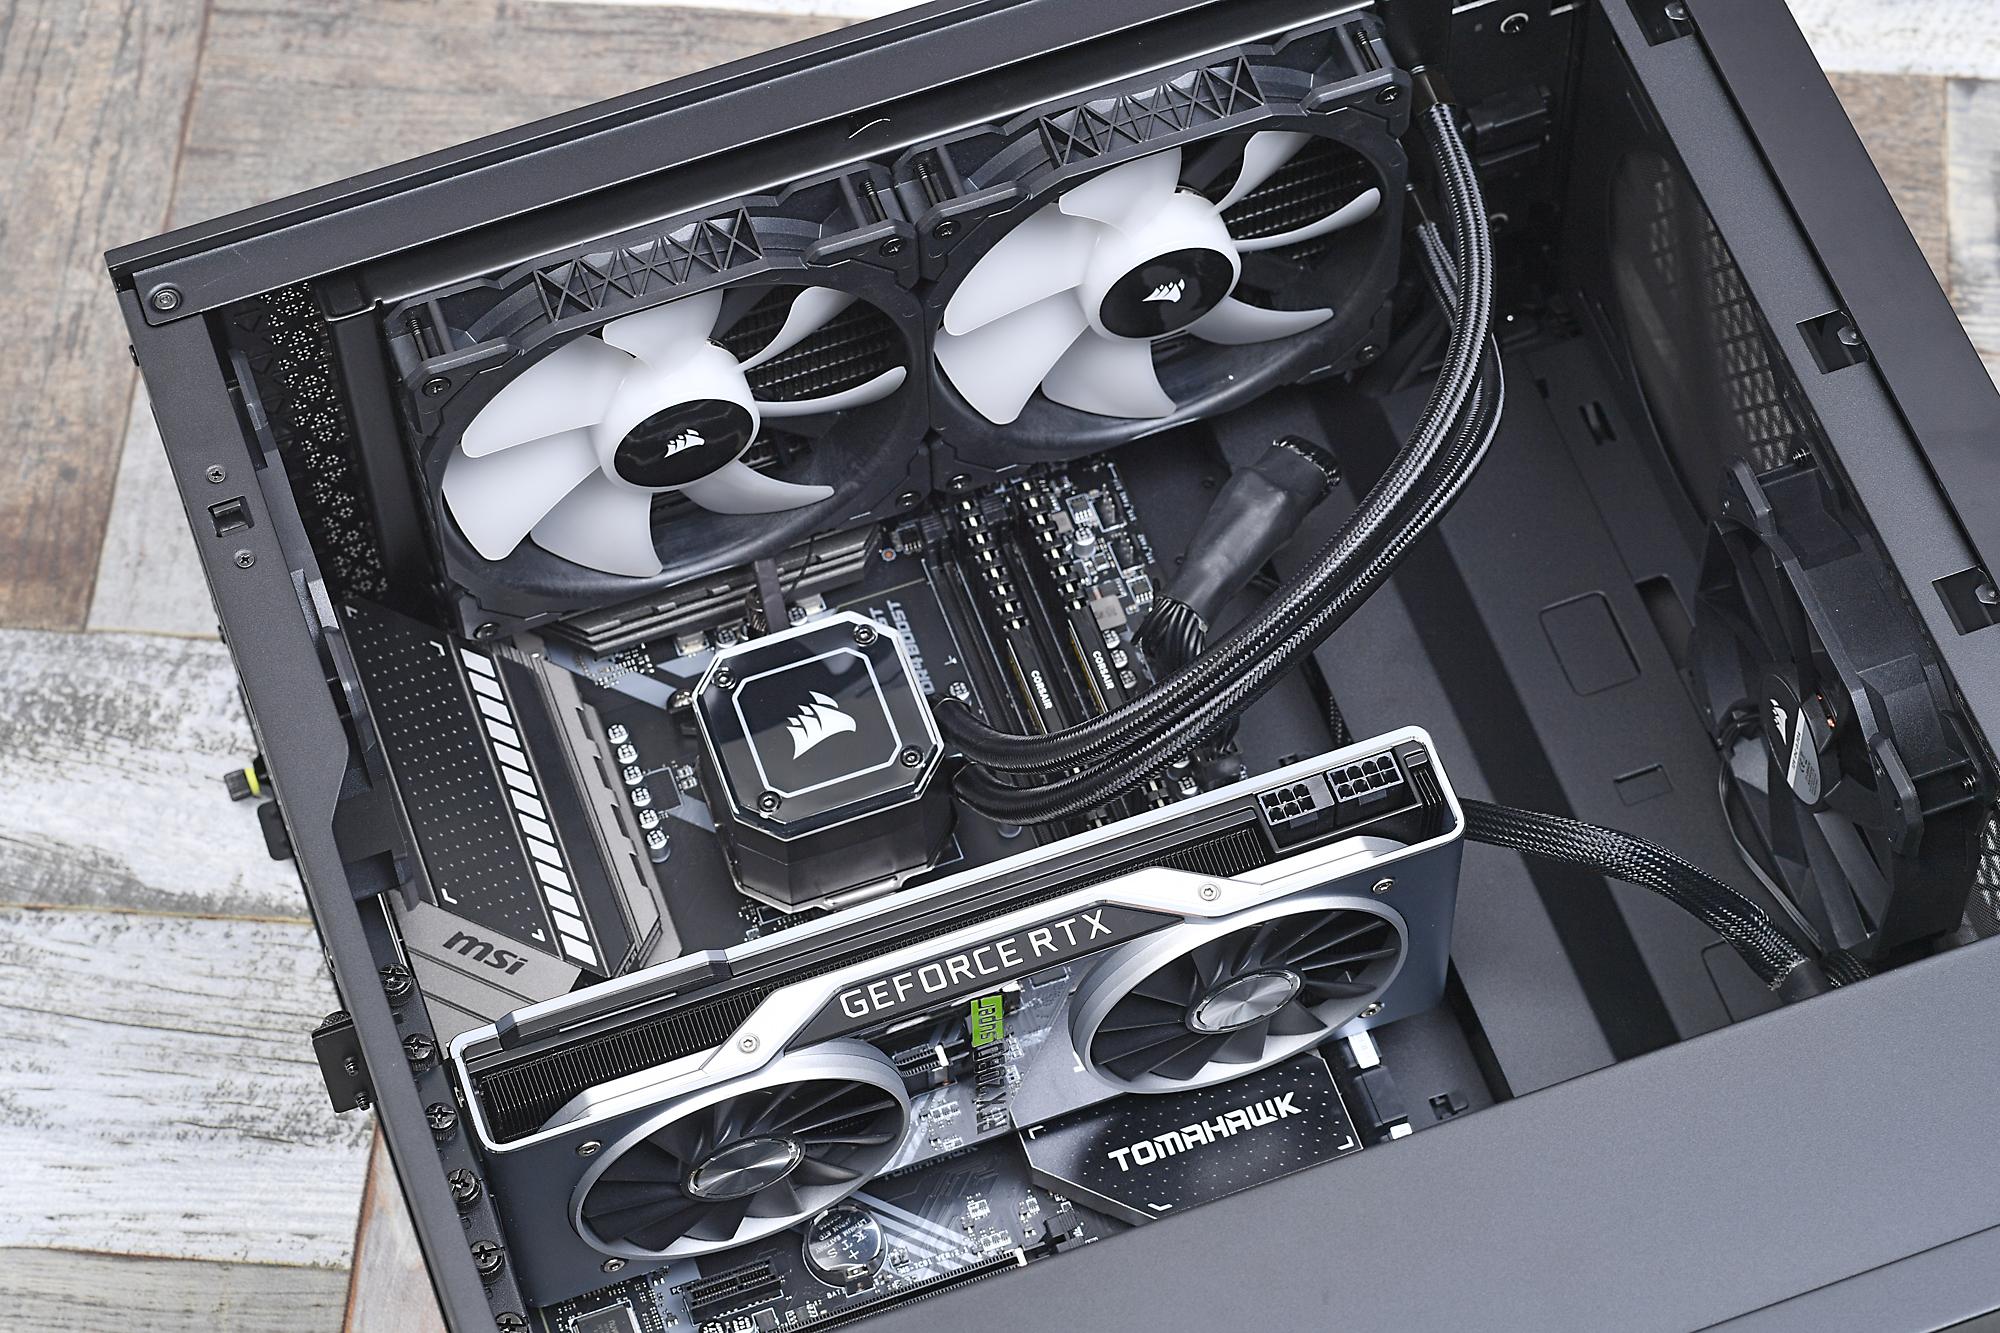 ケーブルなども裏面側にまとめやすいので、ハイエンド構成のPCも組みやすい。